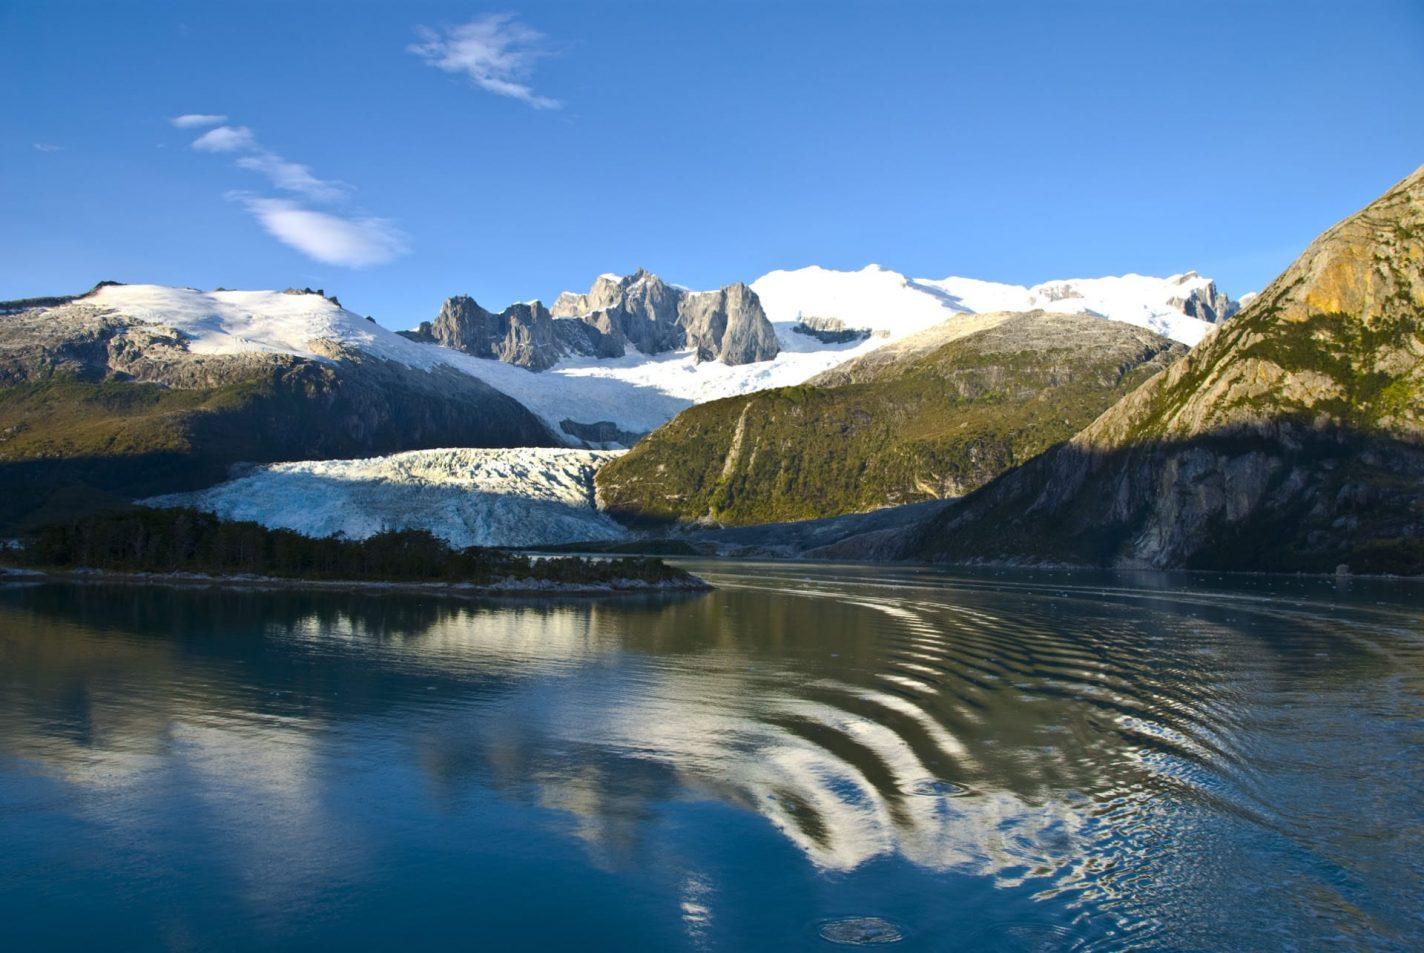 Meren, gletsjers en bergen in Chili - bijzondere plekken in Chili